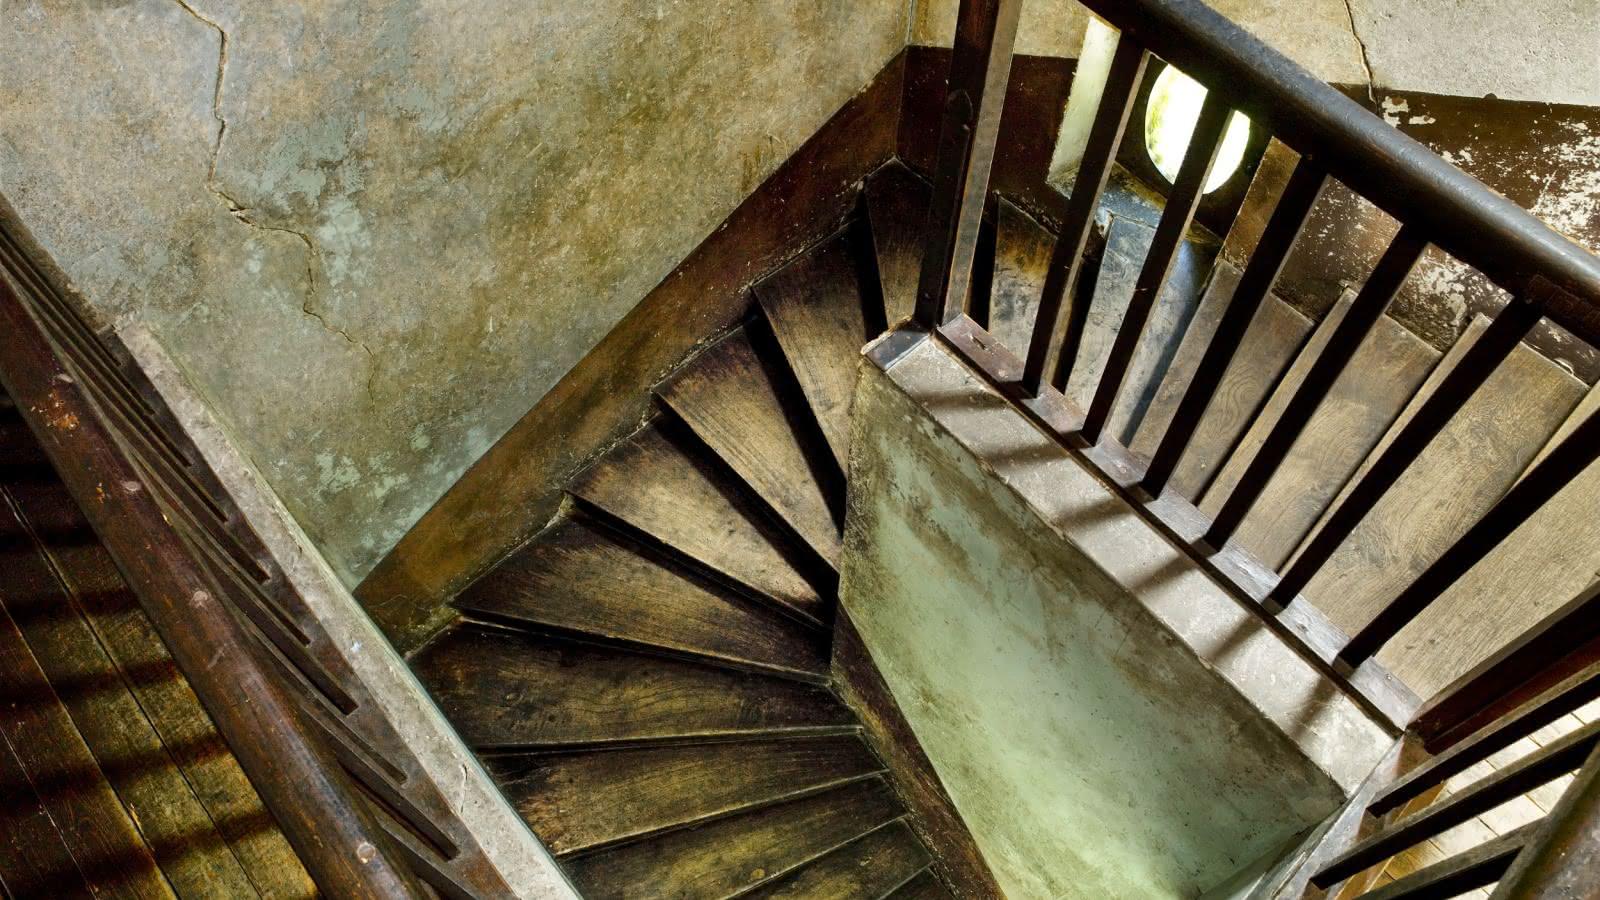 Escalier Val D Oise page d'accueil - val d'oise tourisme, votre val d'oise est ici !